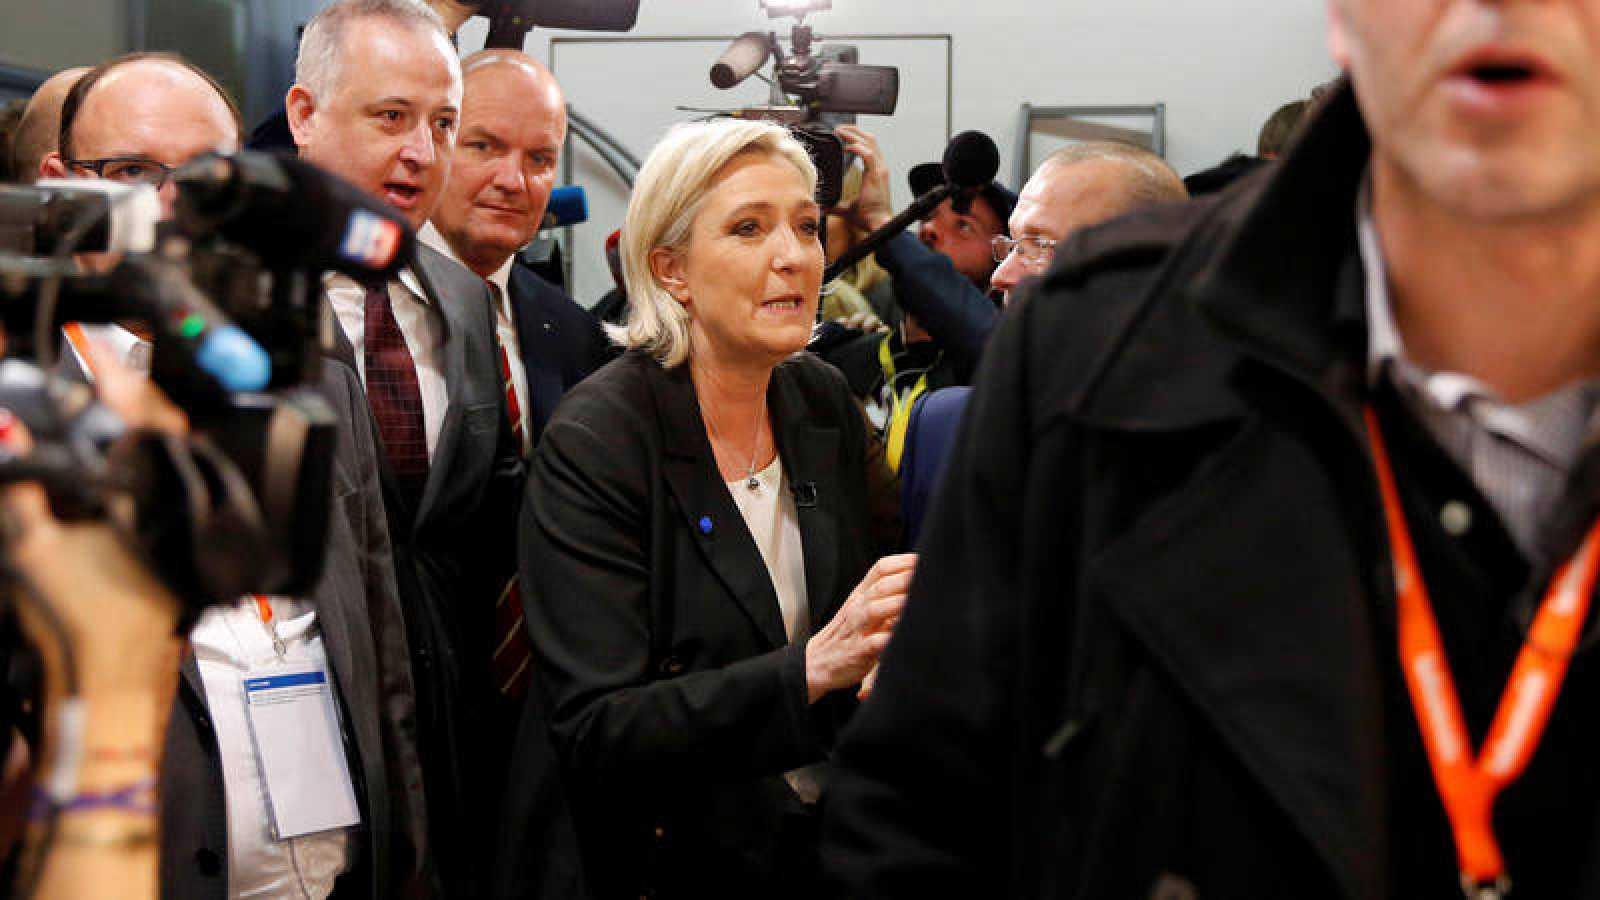 Marine Le Pen, líder del ultranacionalista Frente Nacional, rodeada de periodistas, fotografiada el 1 de febrero